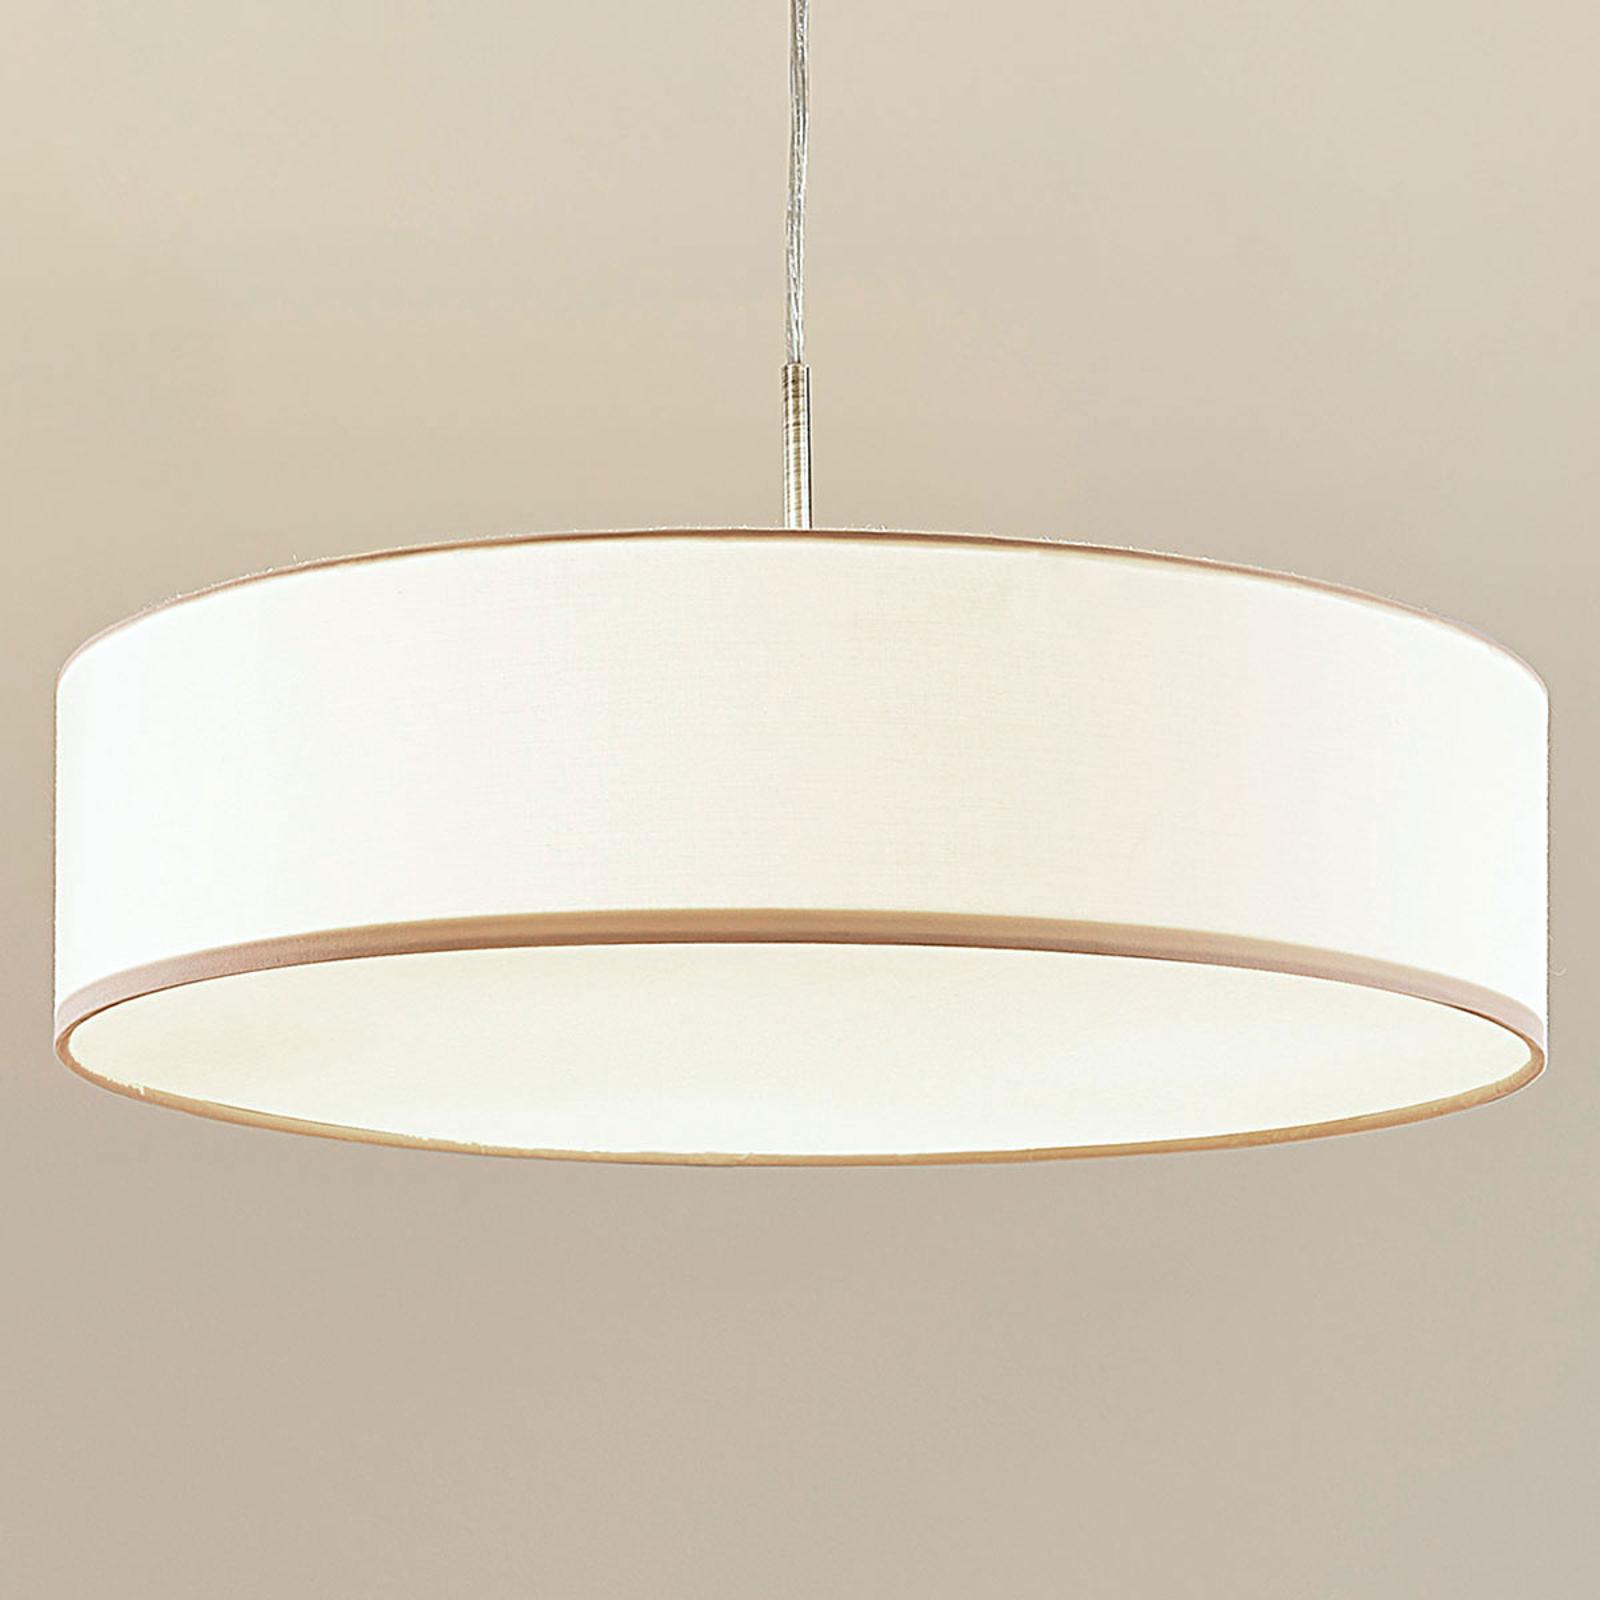 Závěsná lampa Sebatin, s LED 27, 50 cm, smetanová